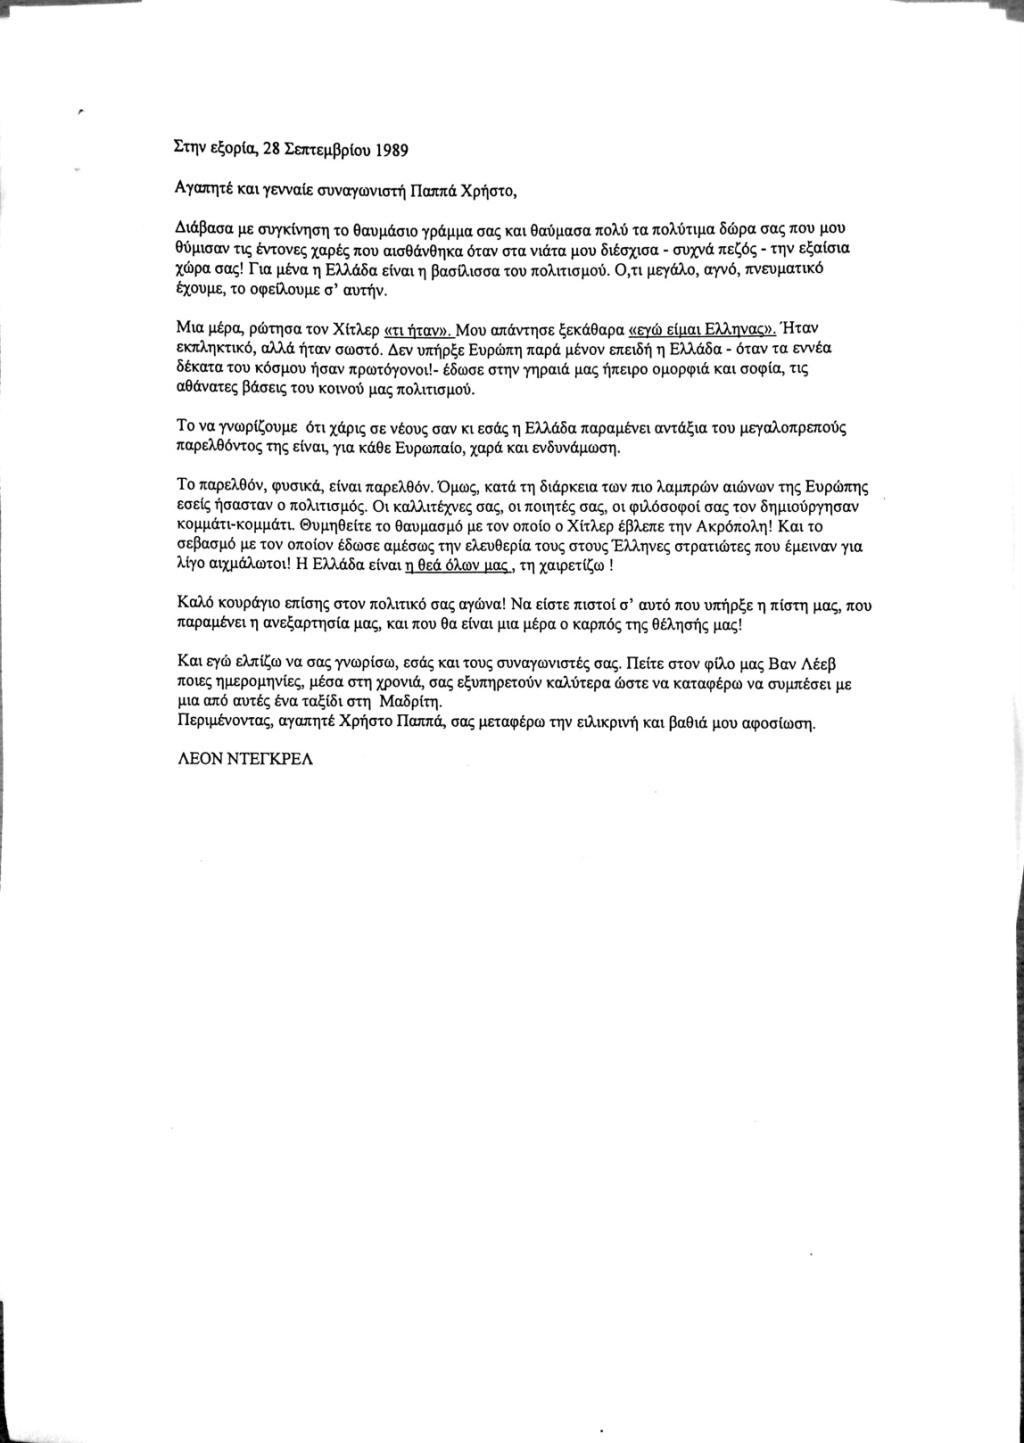 Επιστολή από τον γρέοντα Waffen SS Leon Degrelle προς